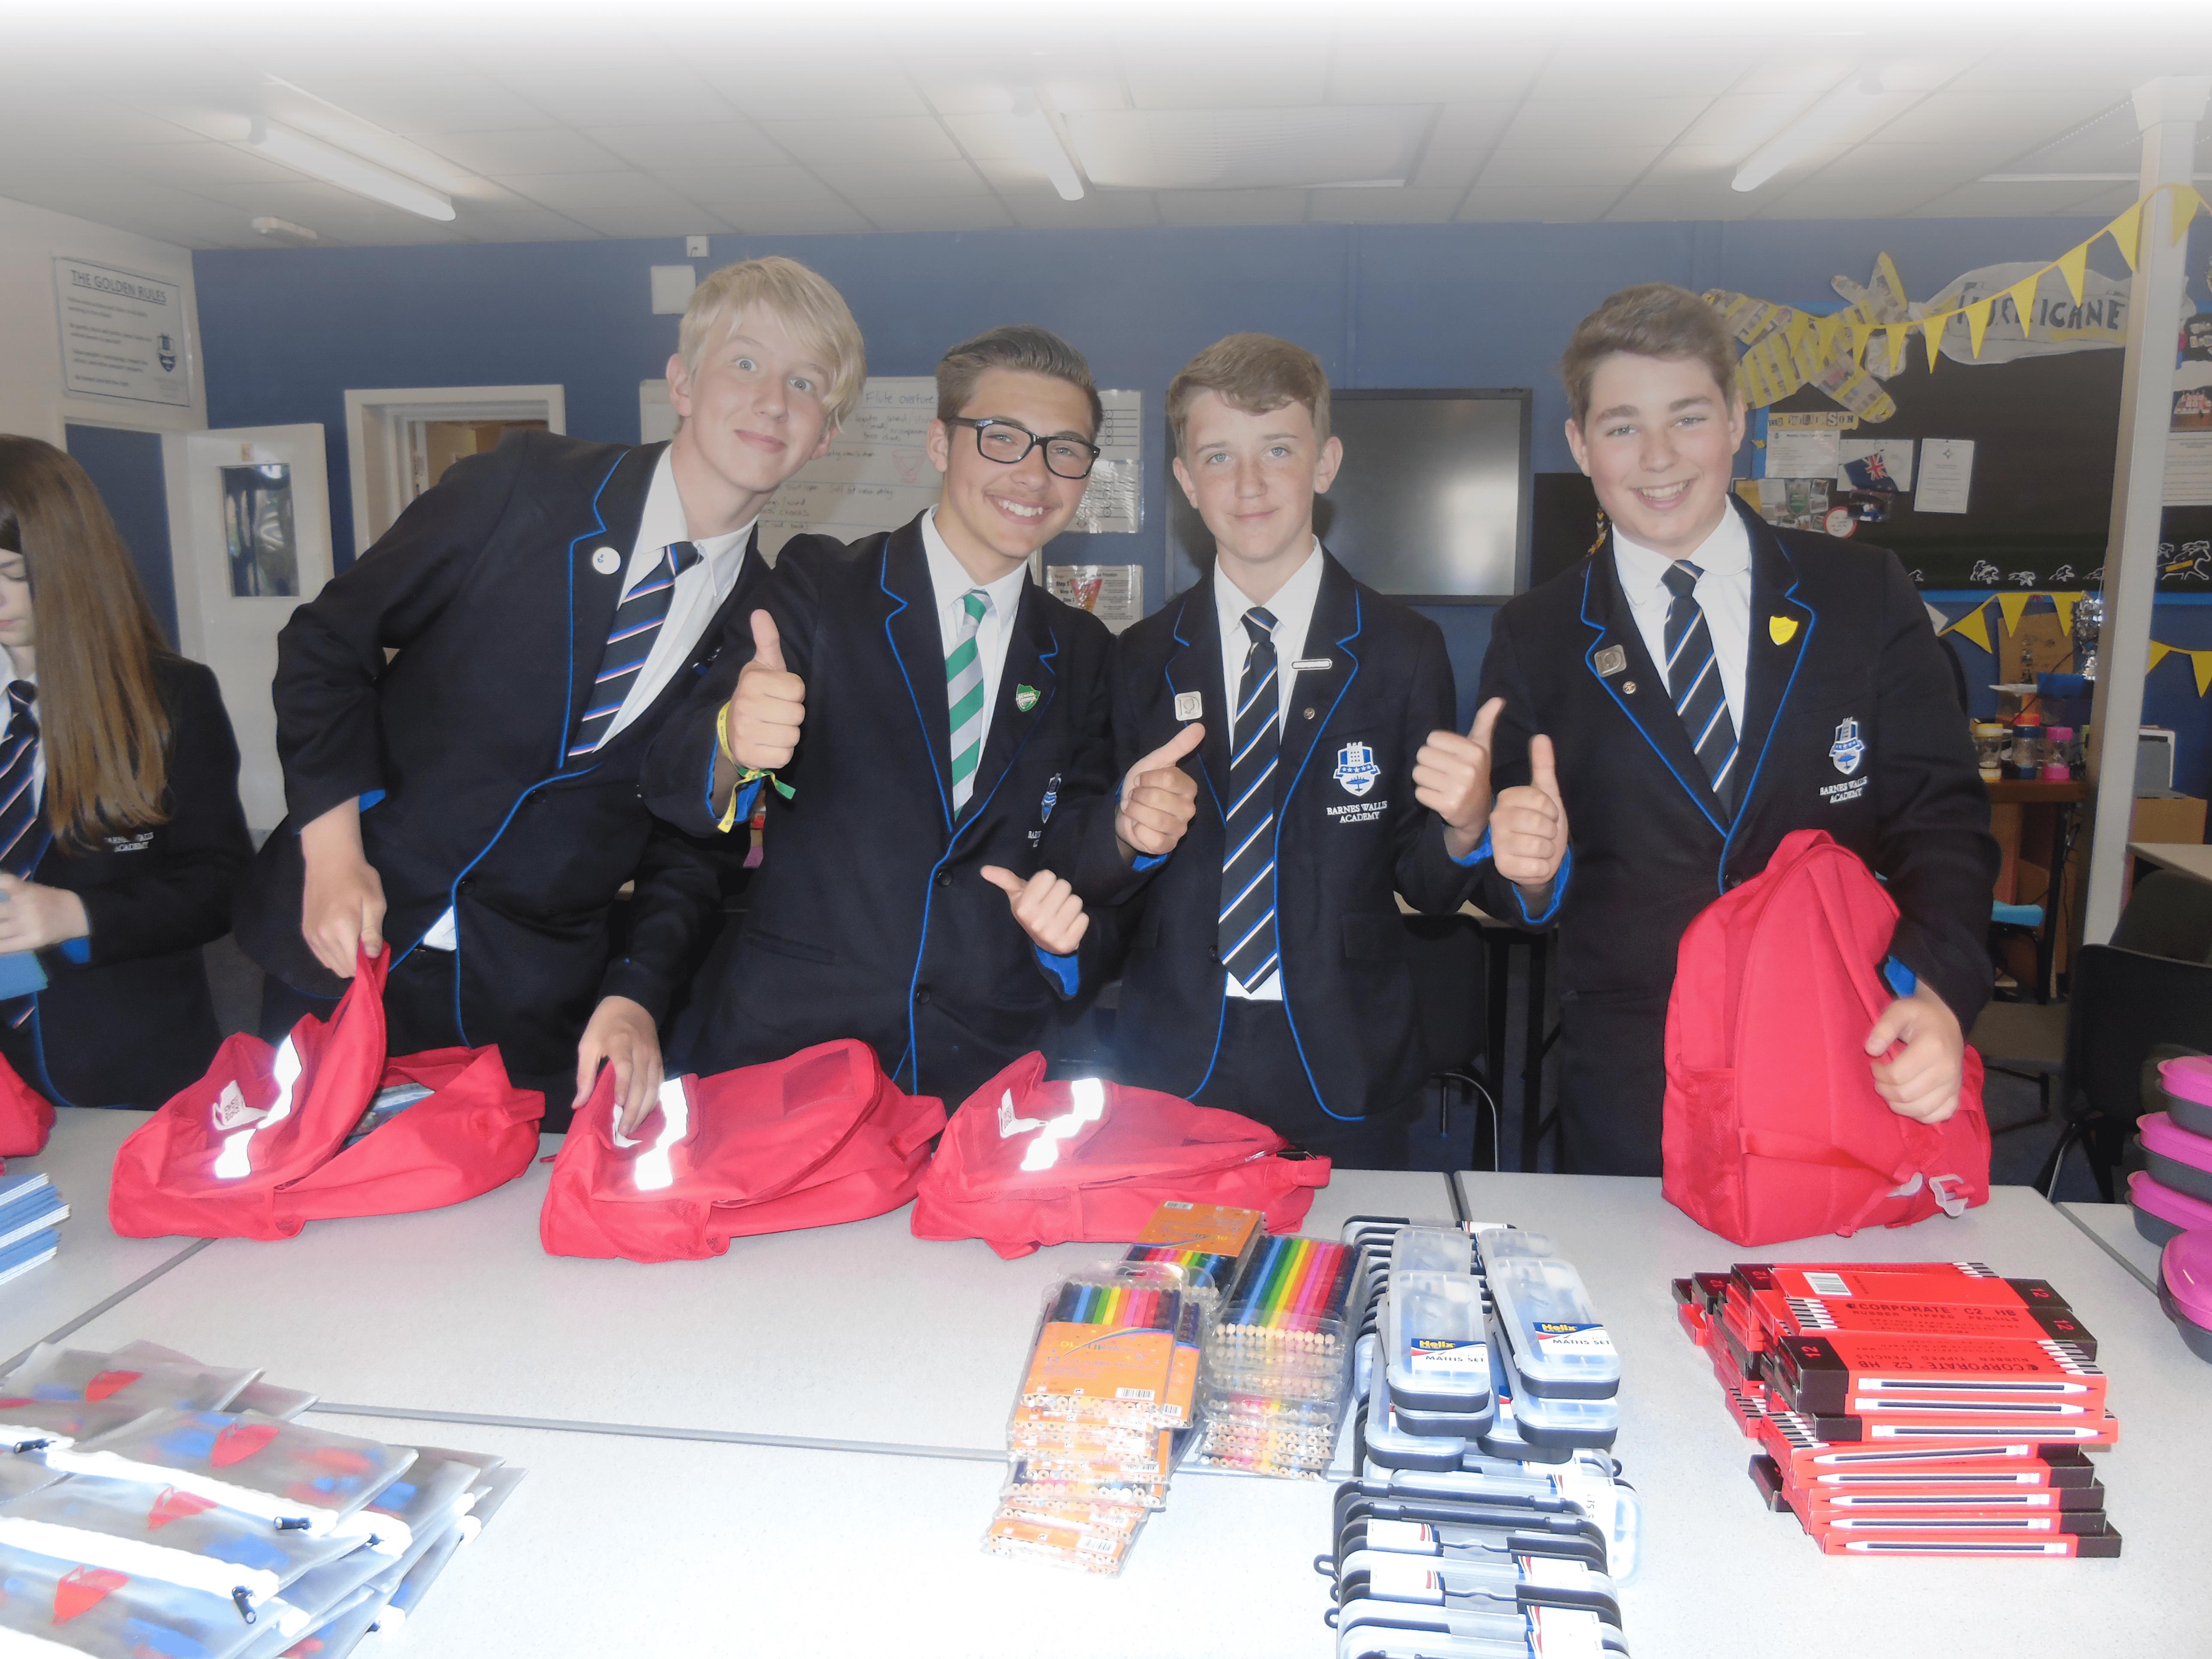 School Children packing SchoolBags